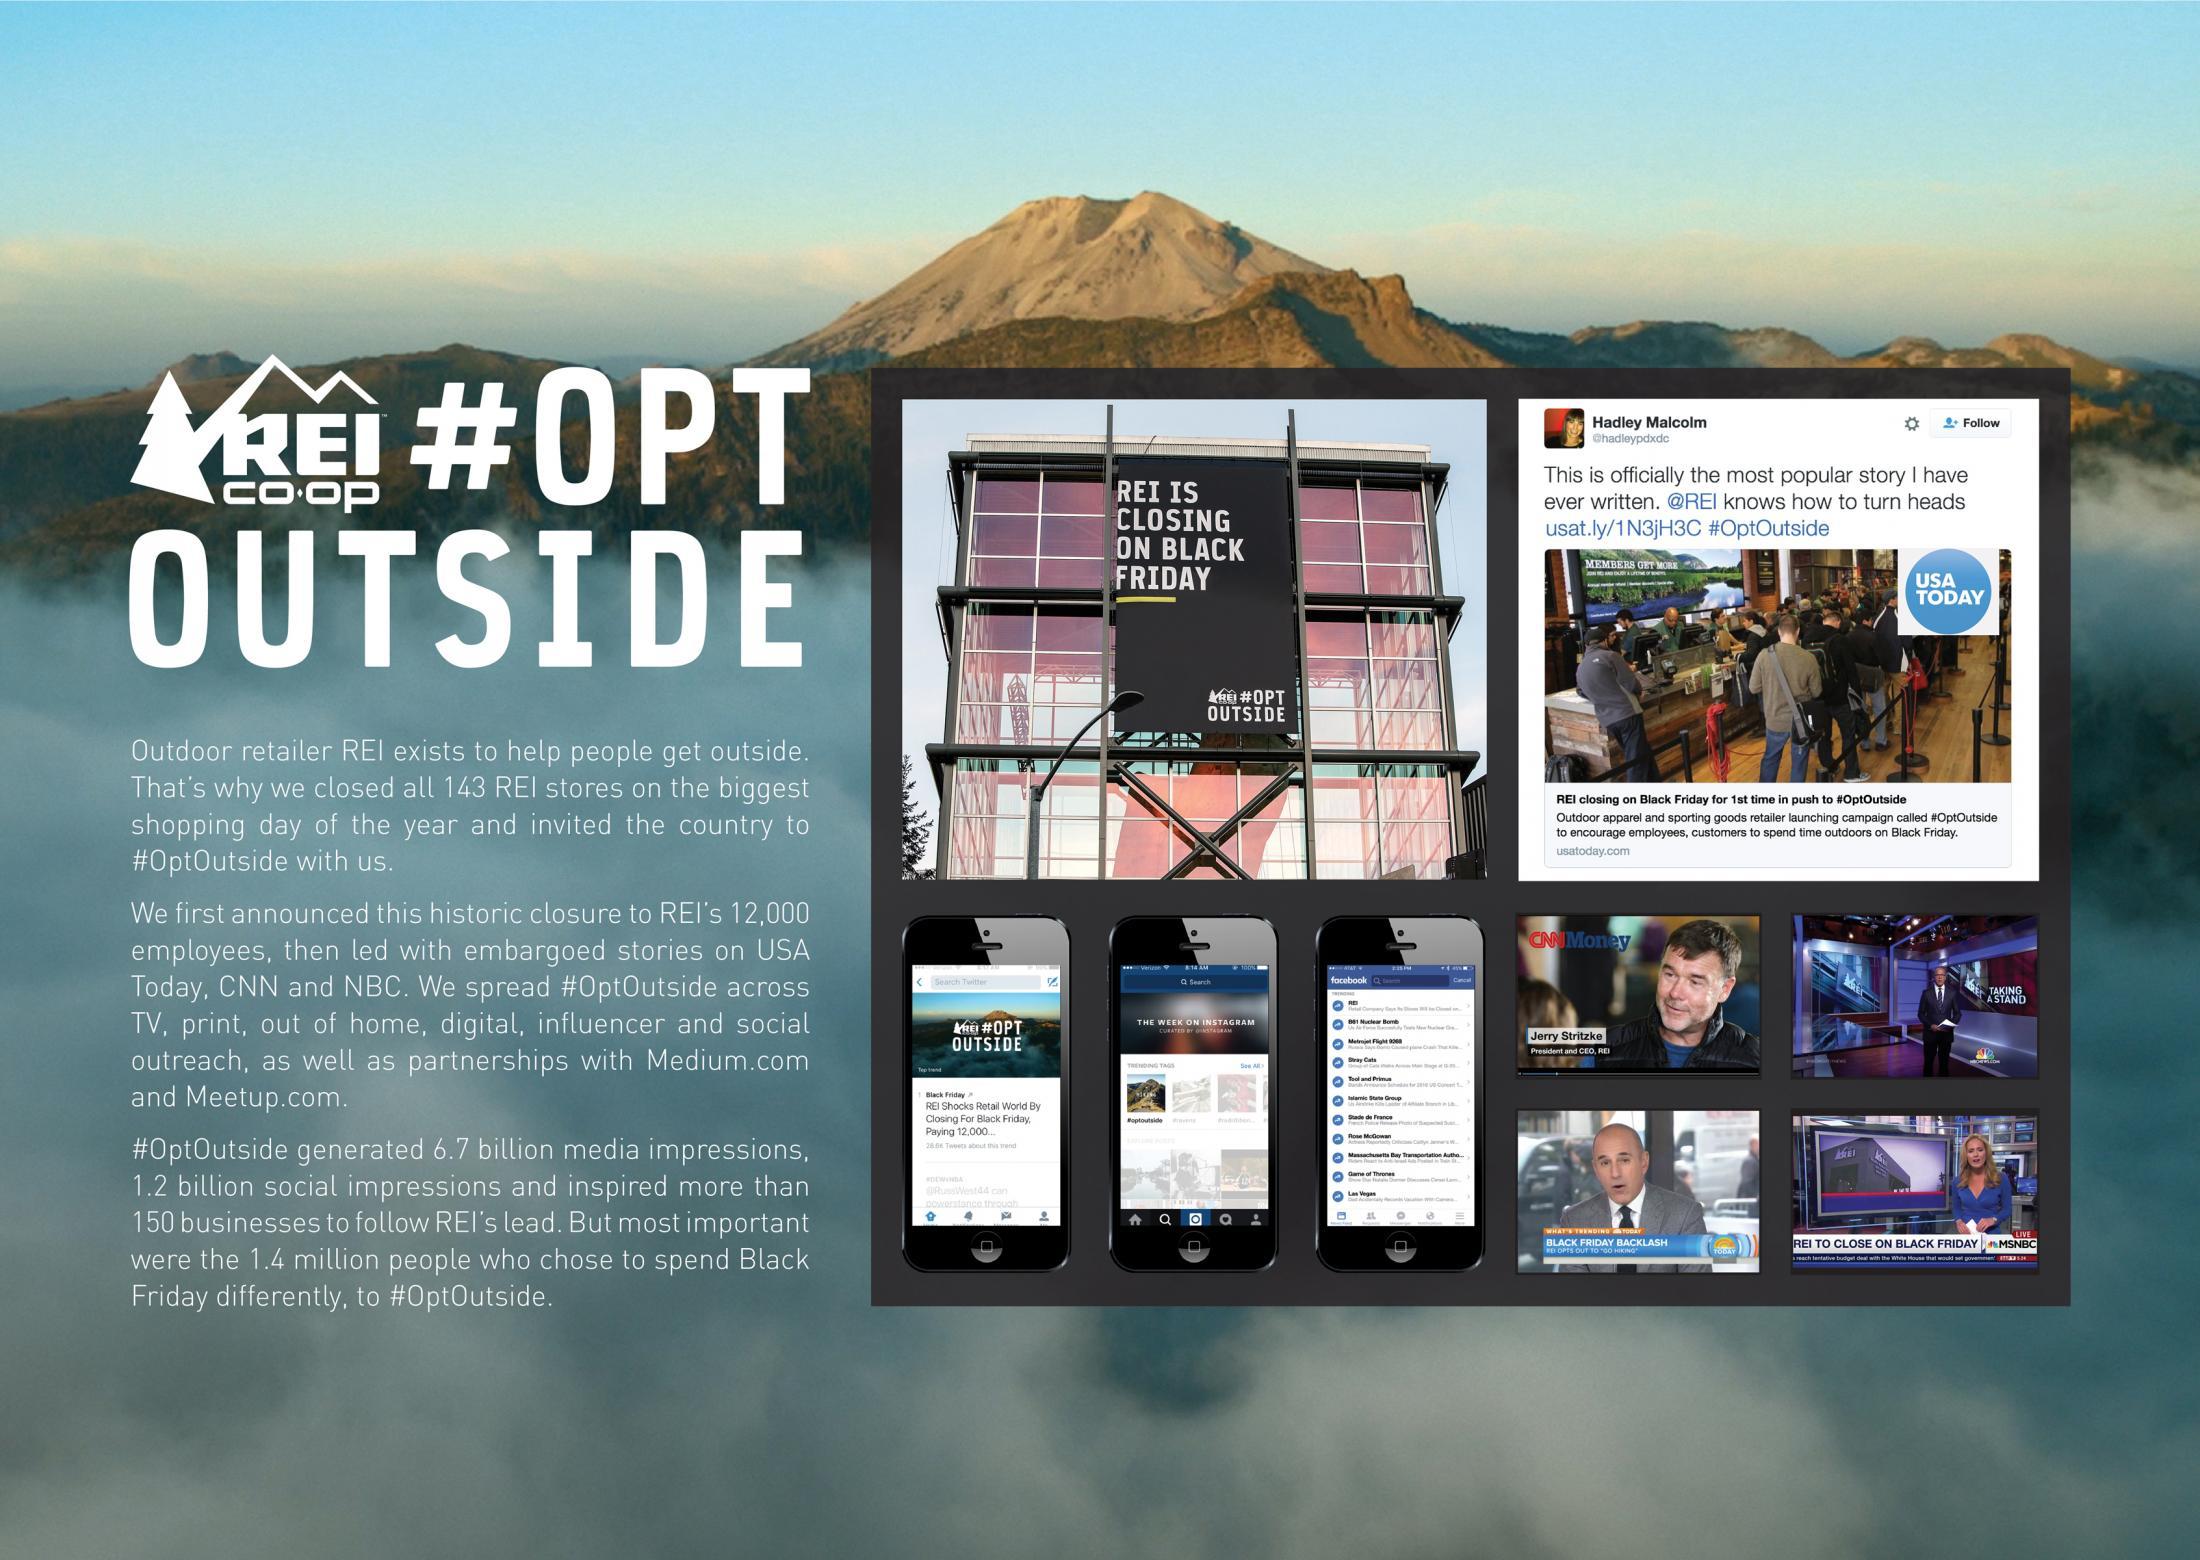 Thumbnail for #OptOutside